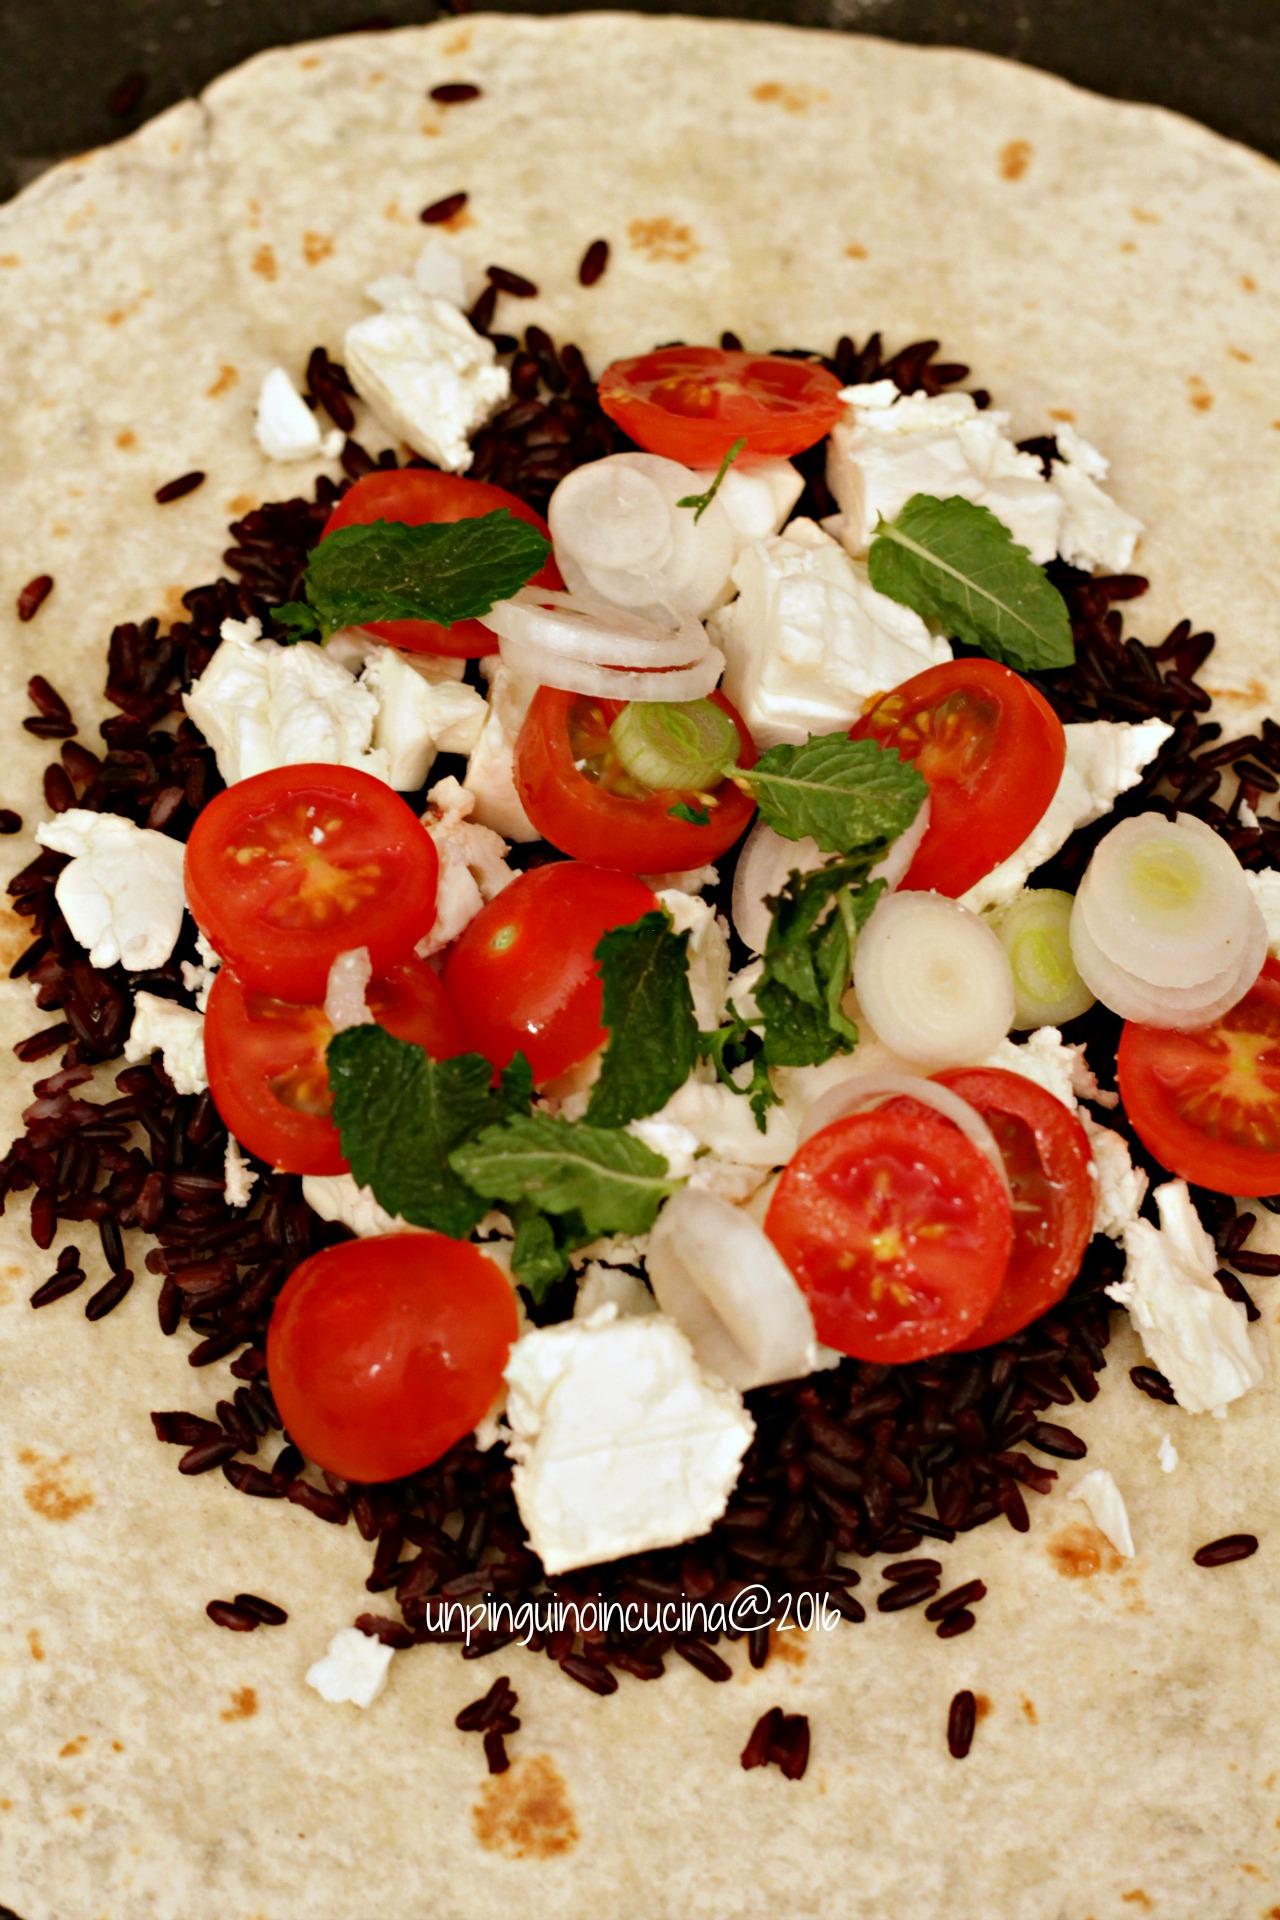 burrito-riso-venere-feta-olive-e-menta